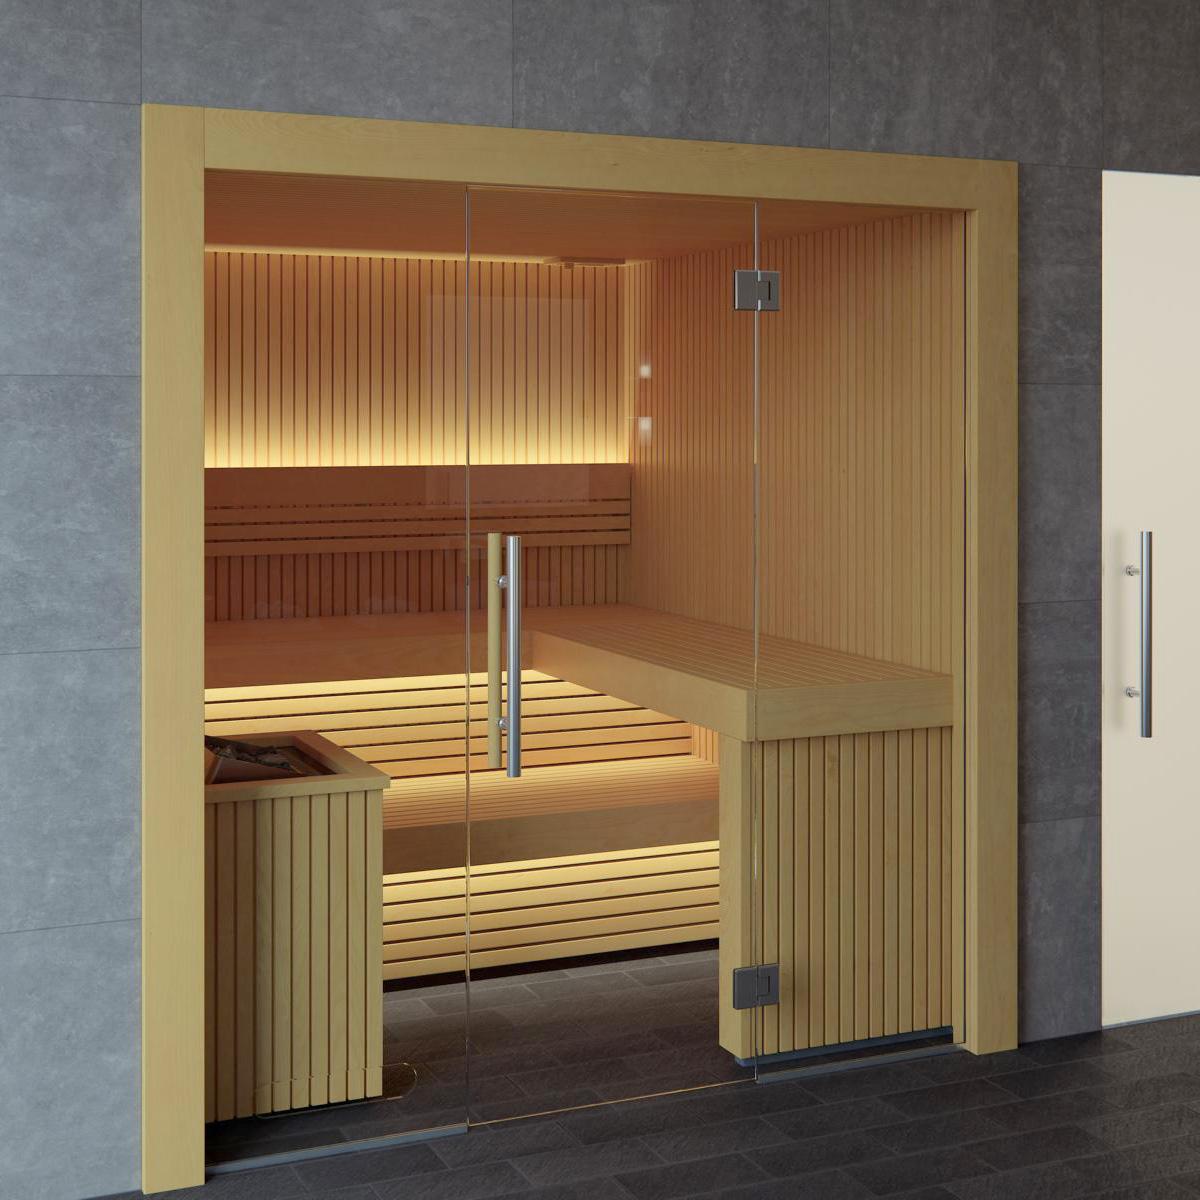 Full Size of Sauna Kaufen Ambiente M Meinesaunade Gebrauchte Küche Günstig Betten Einbauküche Dusche Sofa Velux Fenster Mit Elektrogeräten Bett Amerikanische Duschen Wohnzimmer Sauna Kaufen